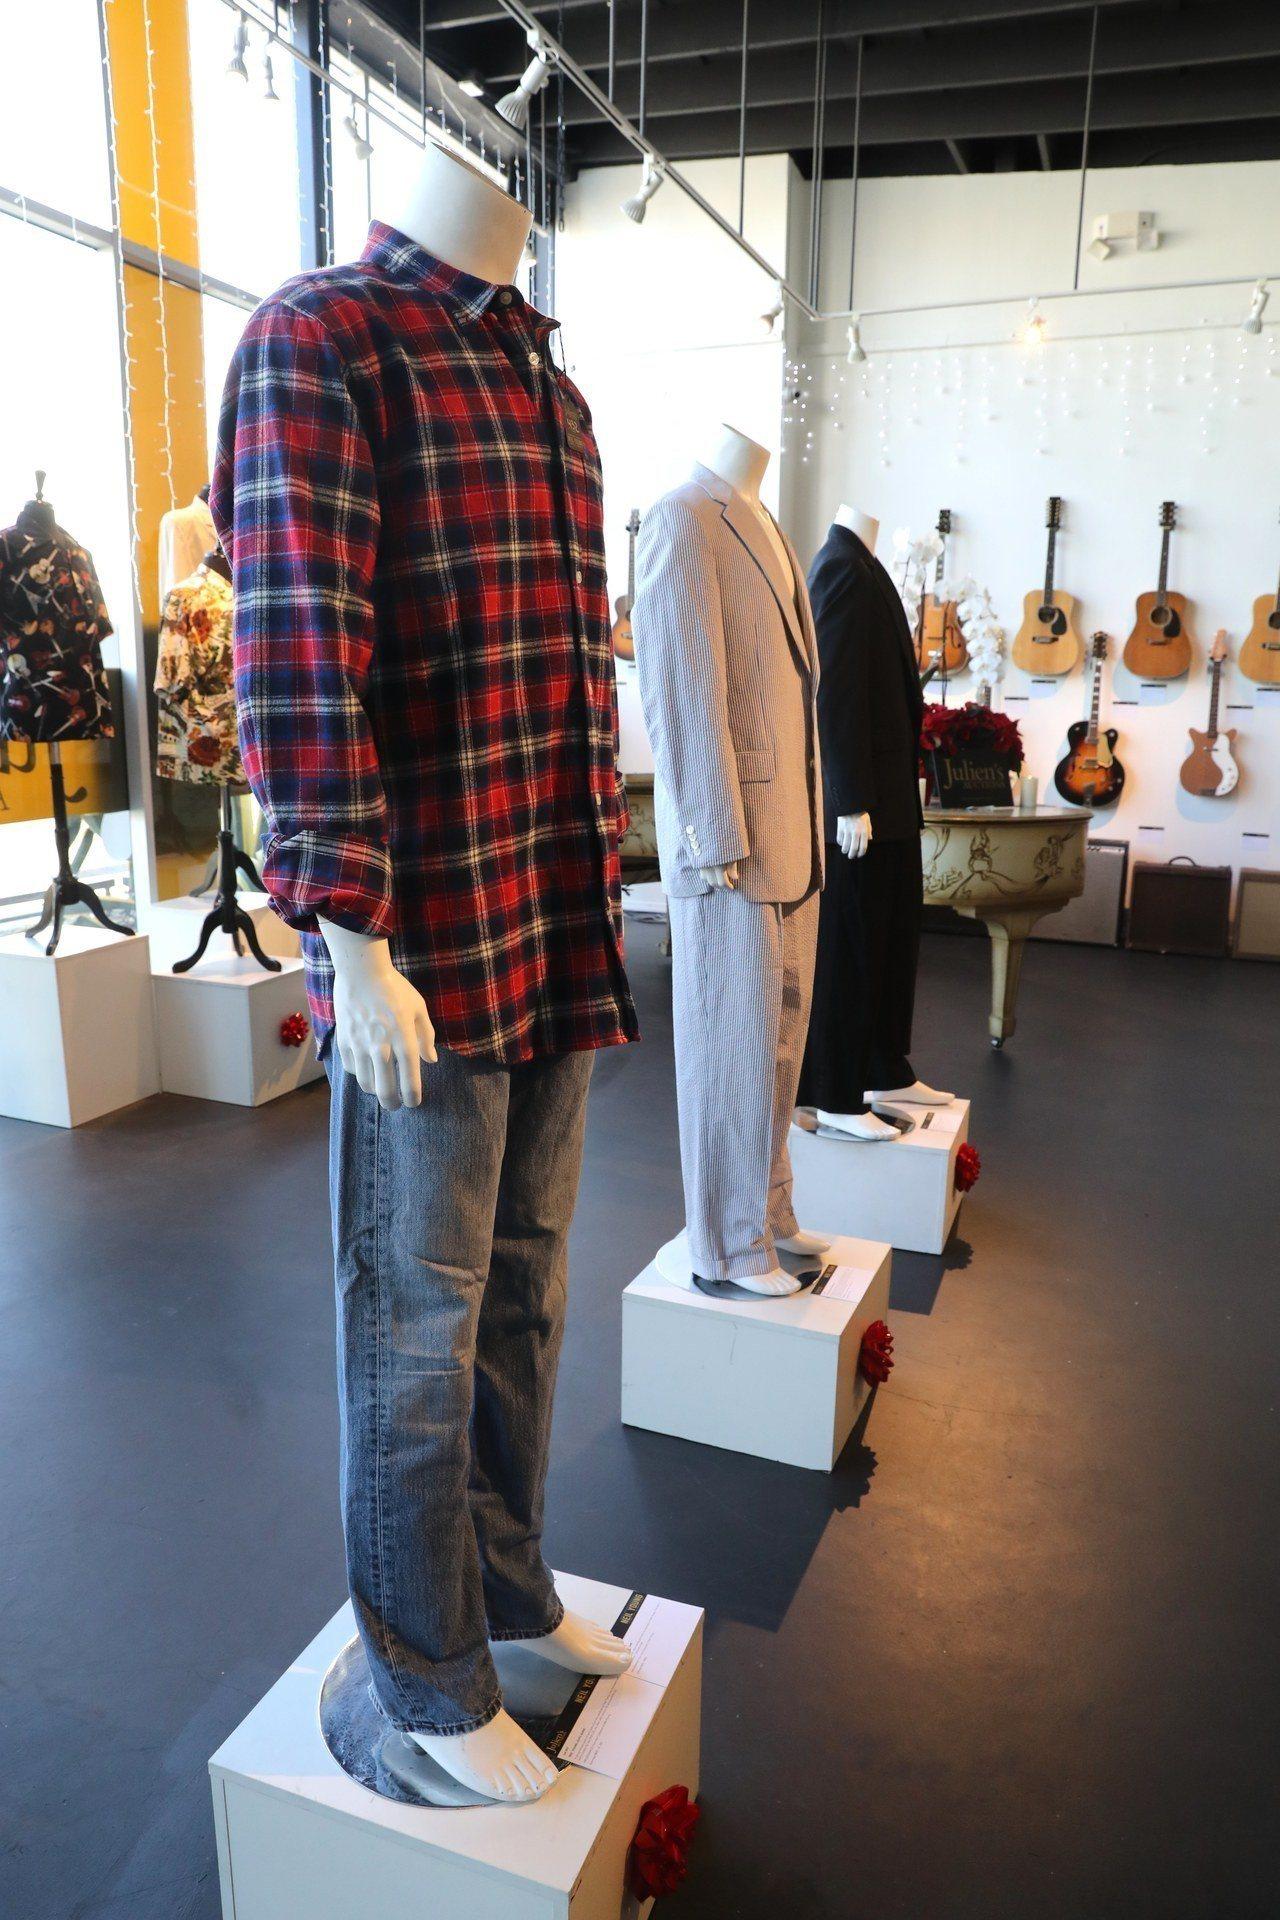 針對美國將祭出高關稅,歐盟準備報復,鎖定李維牛仔褲等美國品牌。歐新社